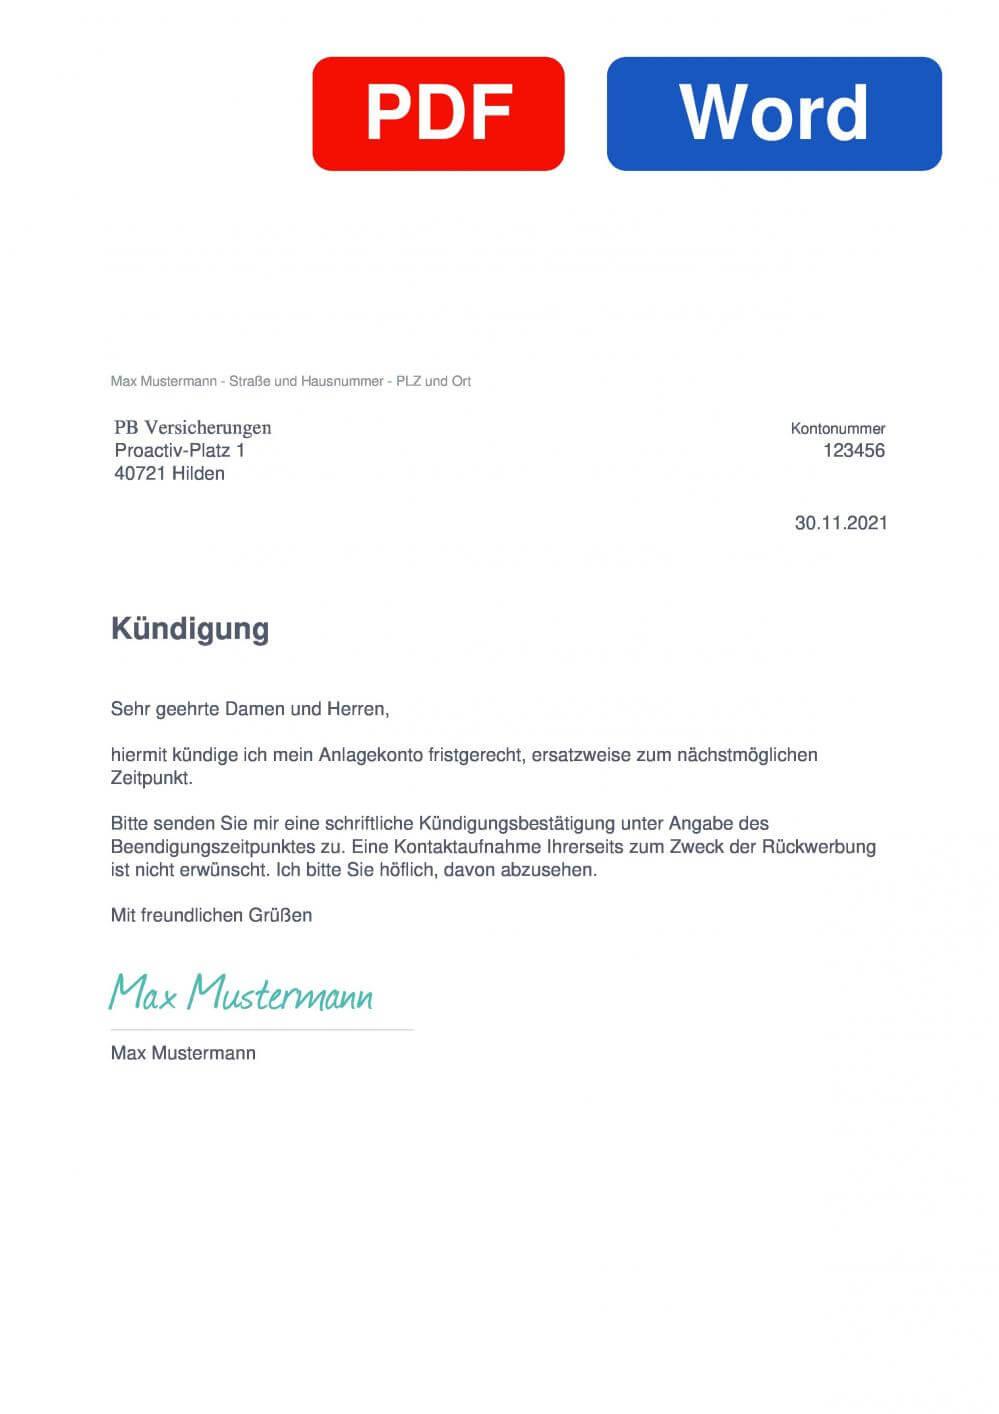 Postbank Anlagekonto Muster Vorlage für Kündigungsschreiben